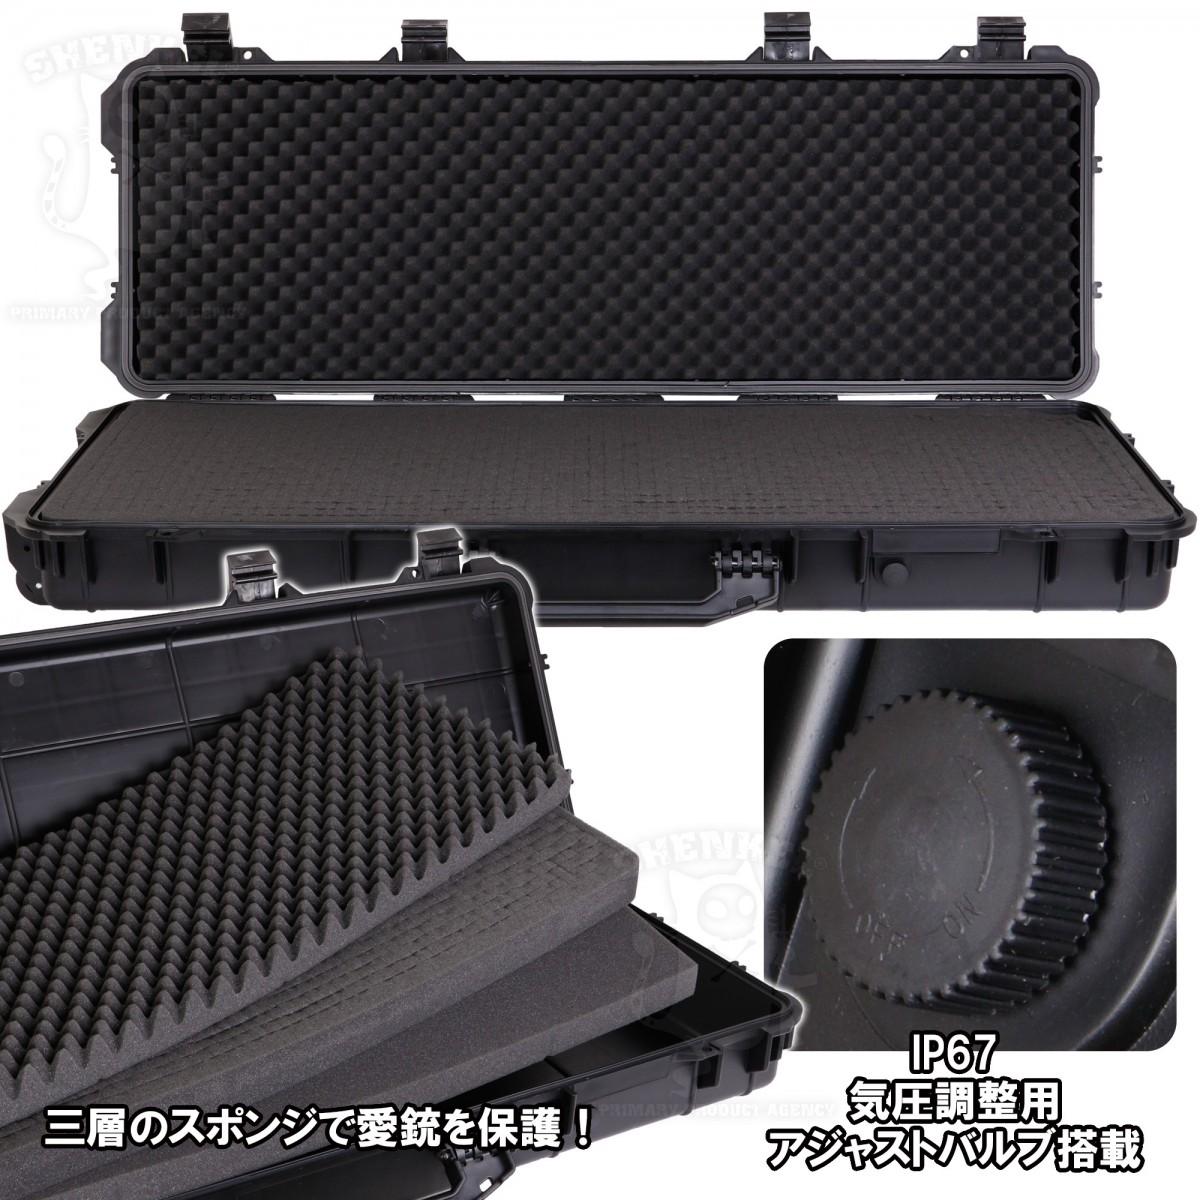 SHENKEL ハードガンケース GD6063型 キャスター付き